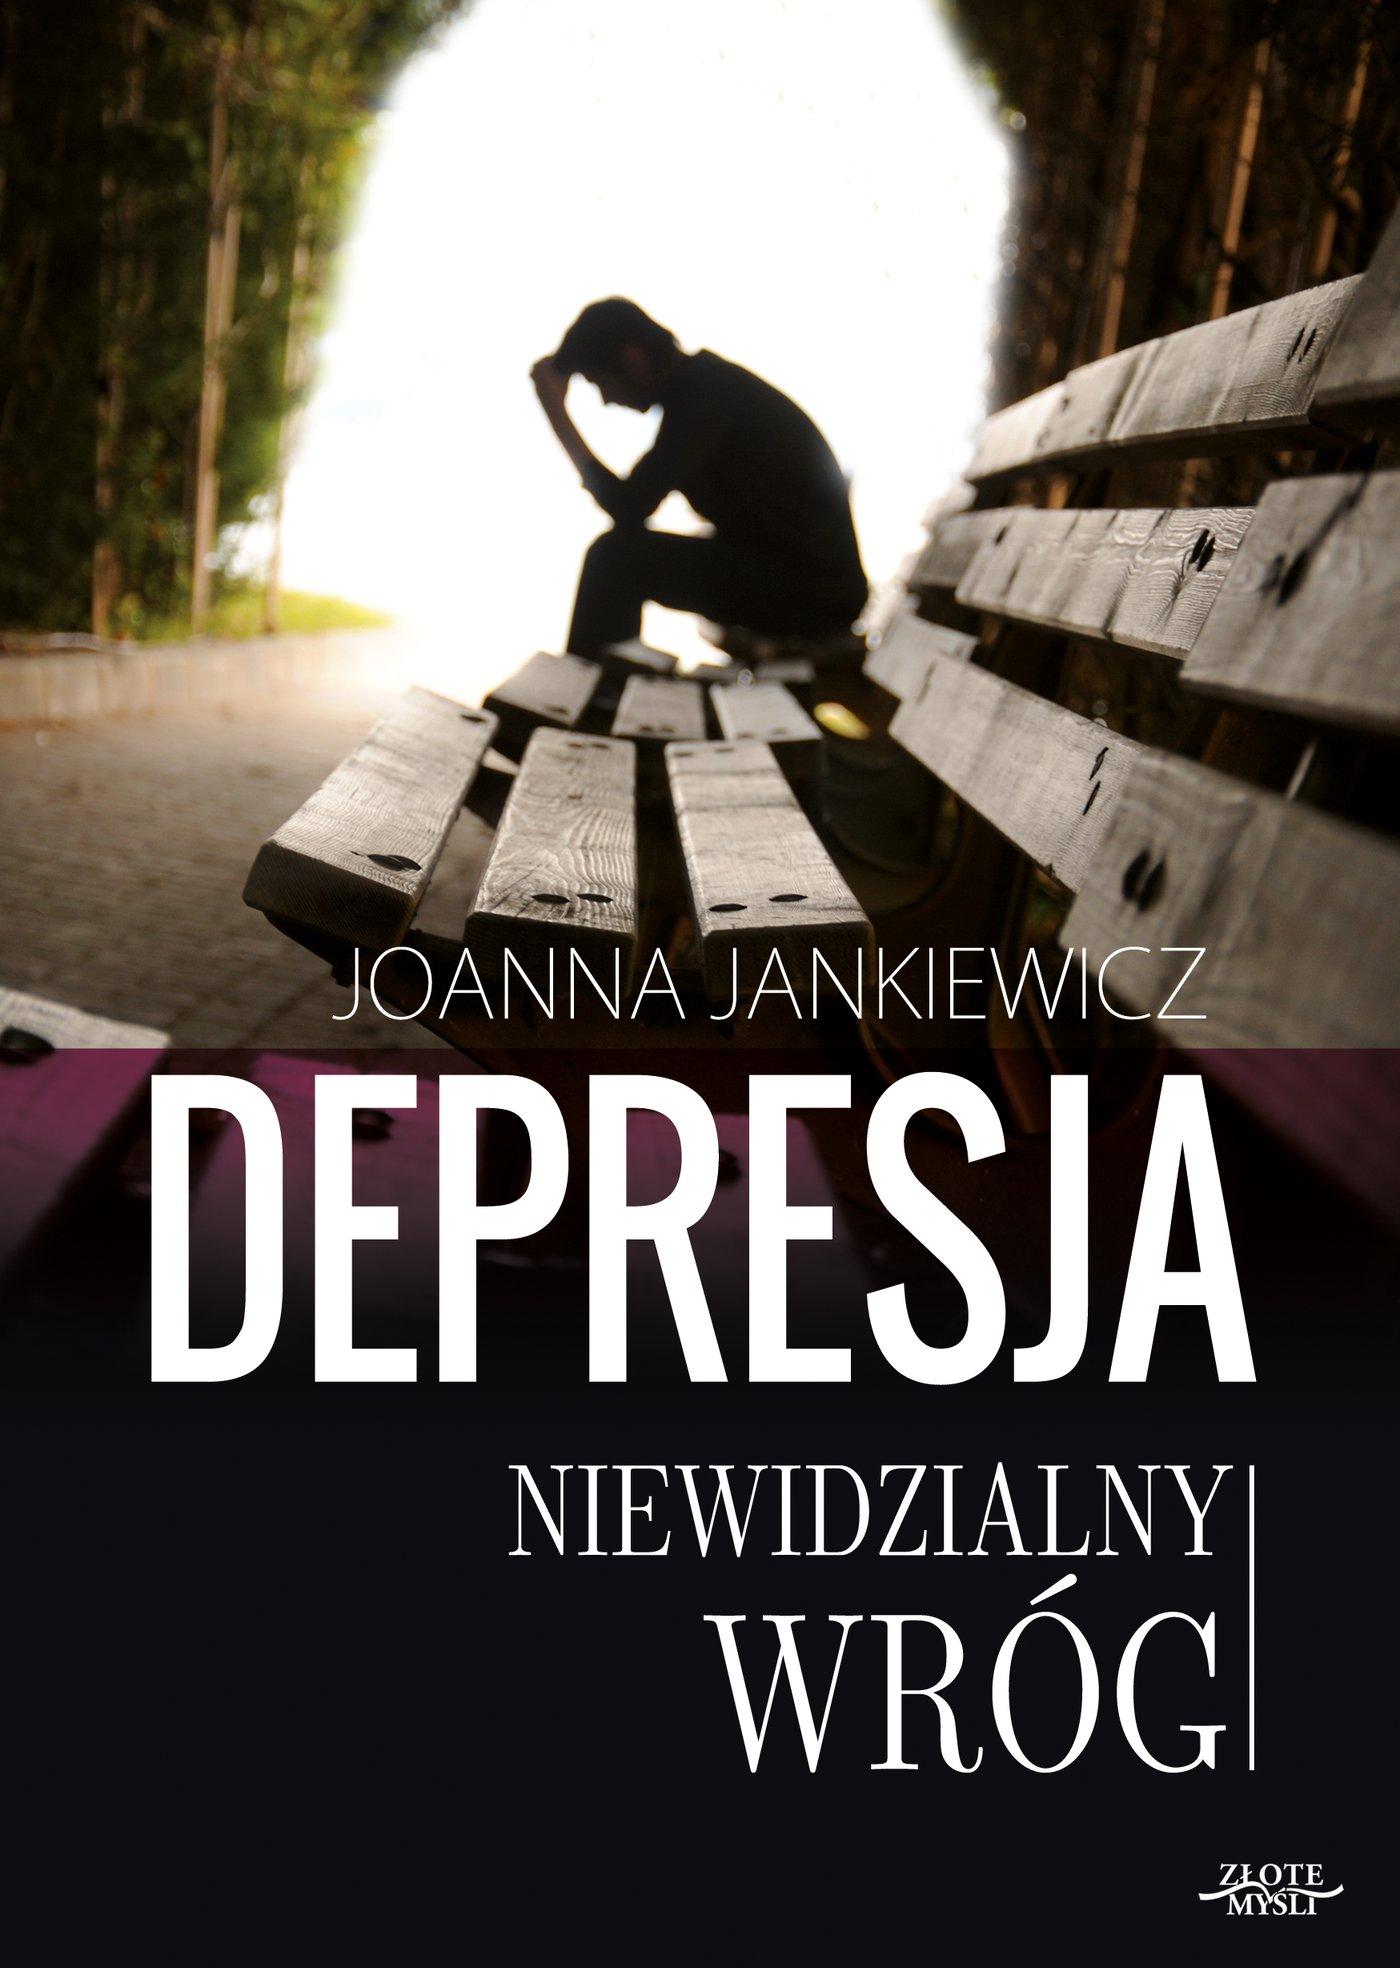 Depresja niewidzialny wróg - Ebook (Książka PDF) do pobrania w formacie PDF